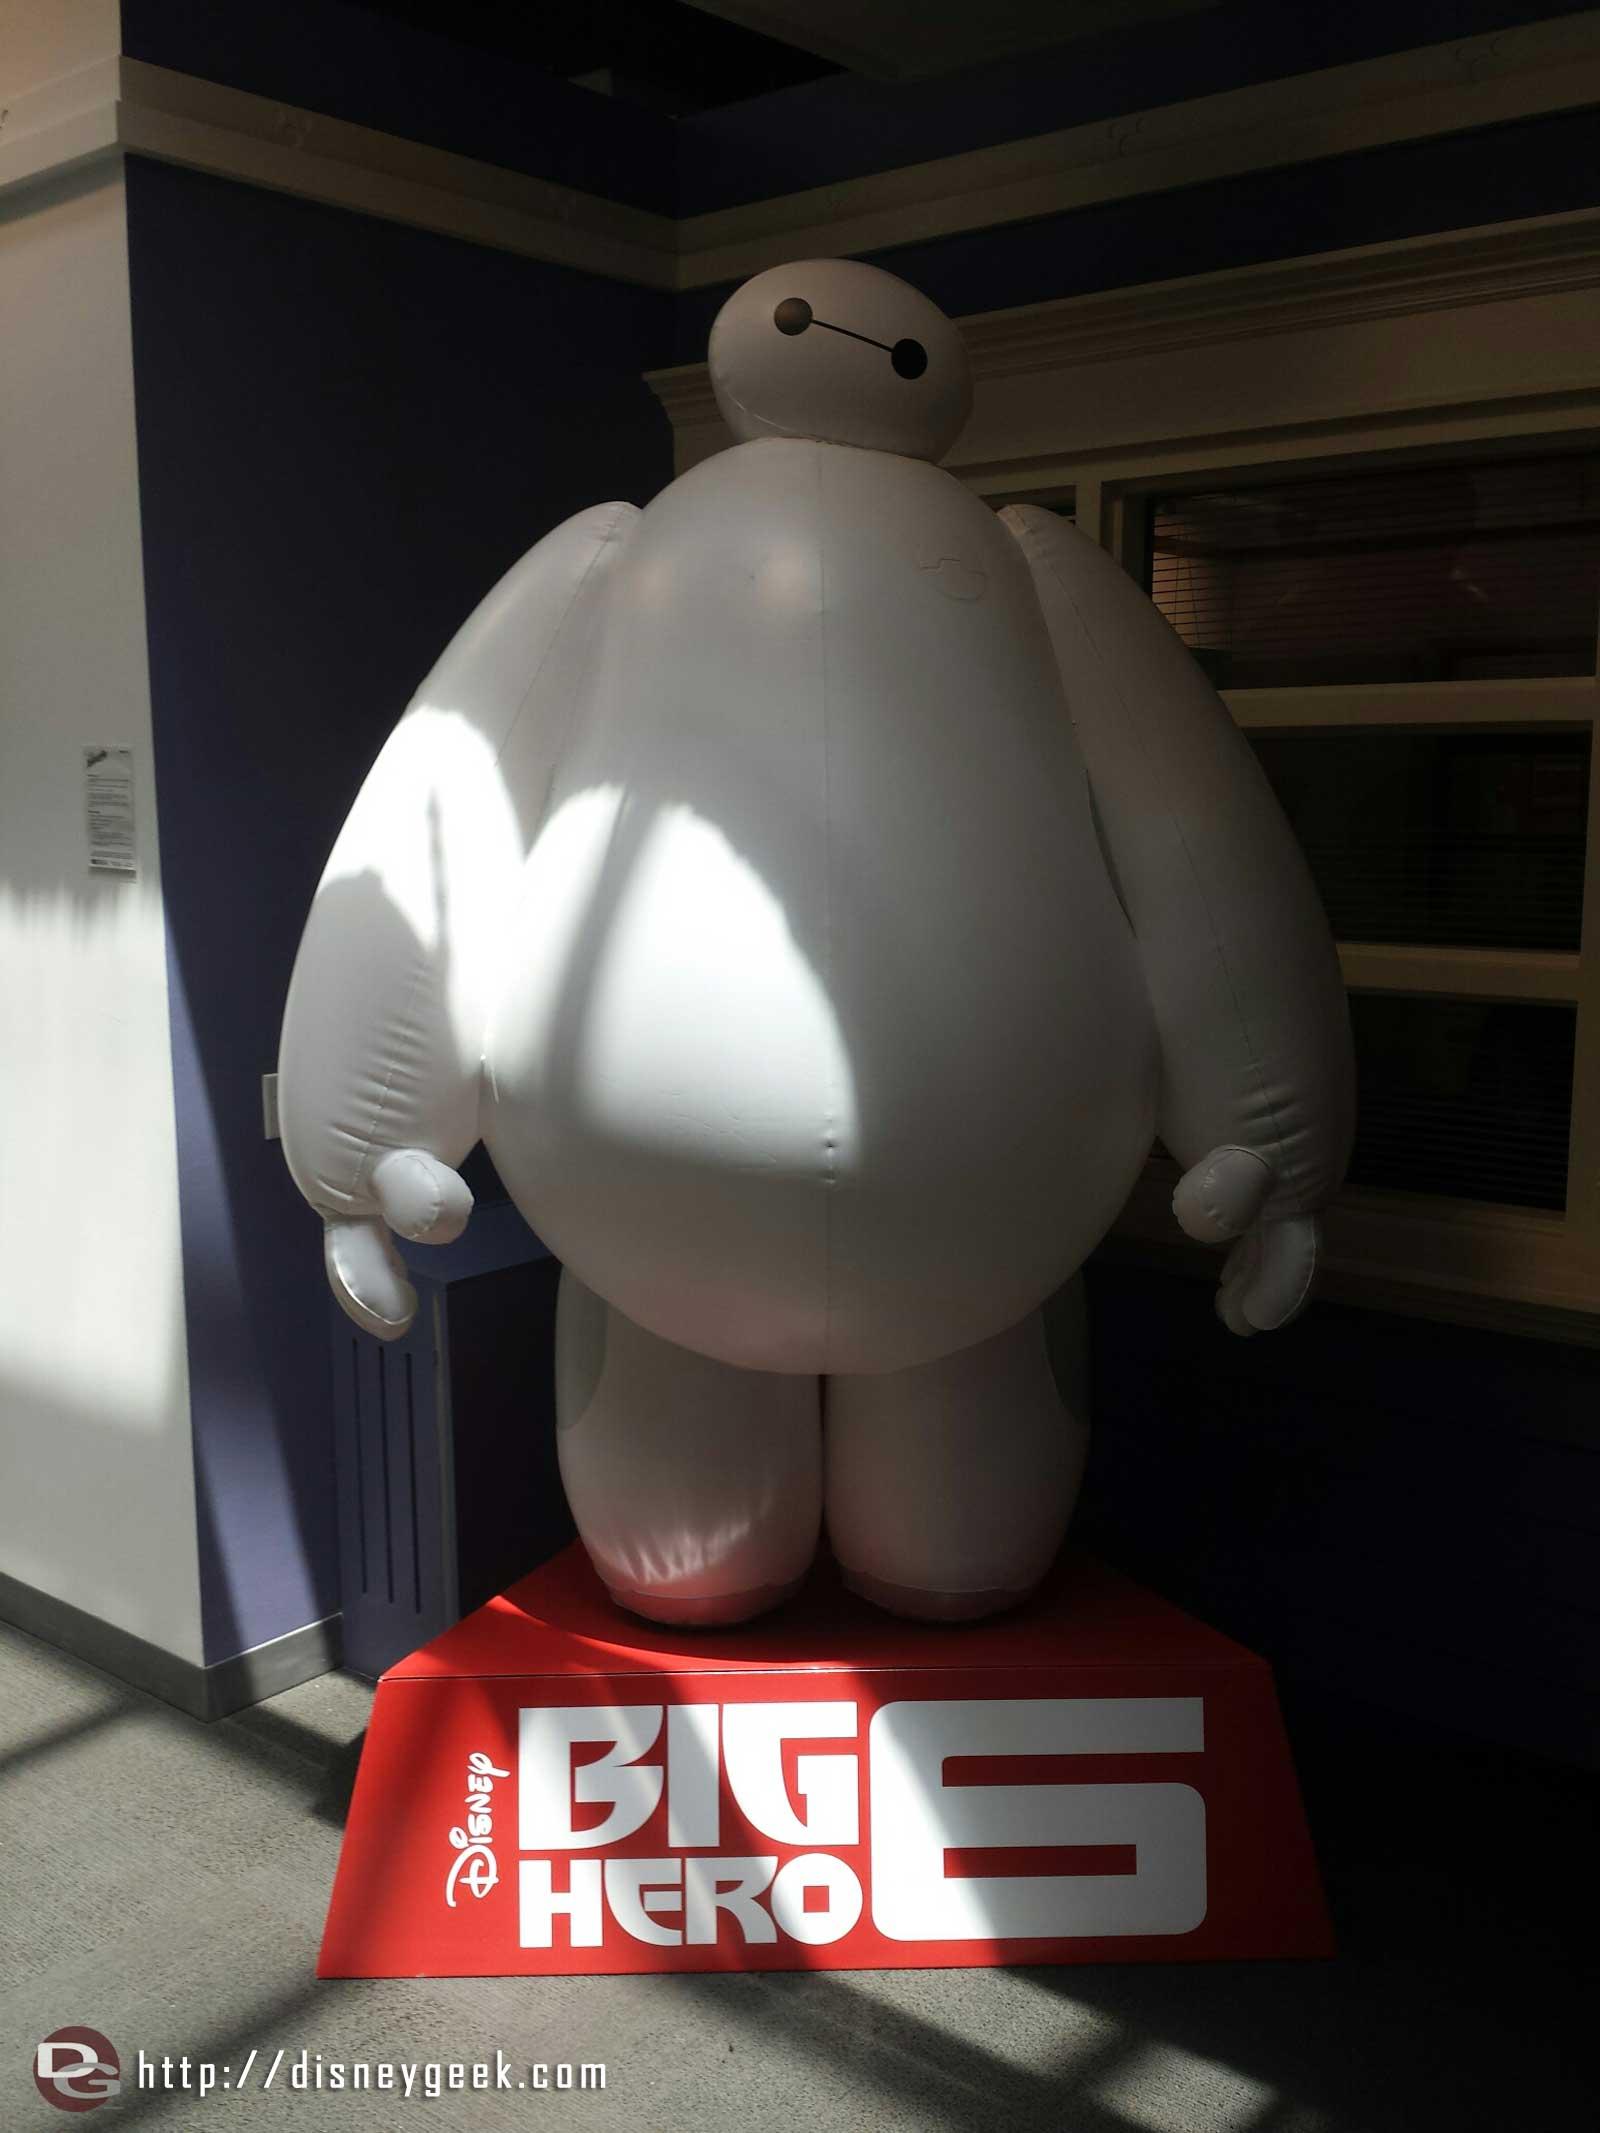 Baymax was on hand for photos #BigHero6 #MeetBaymax